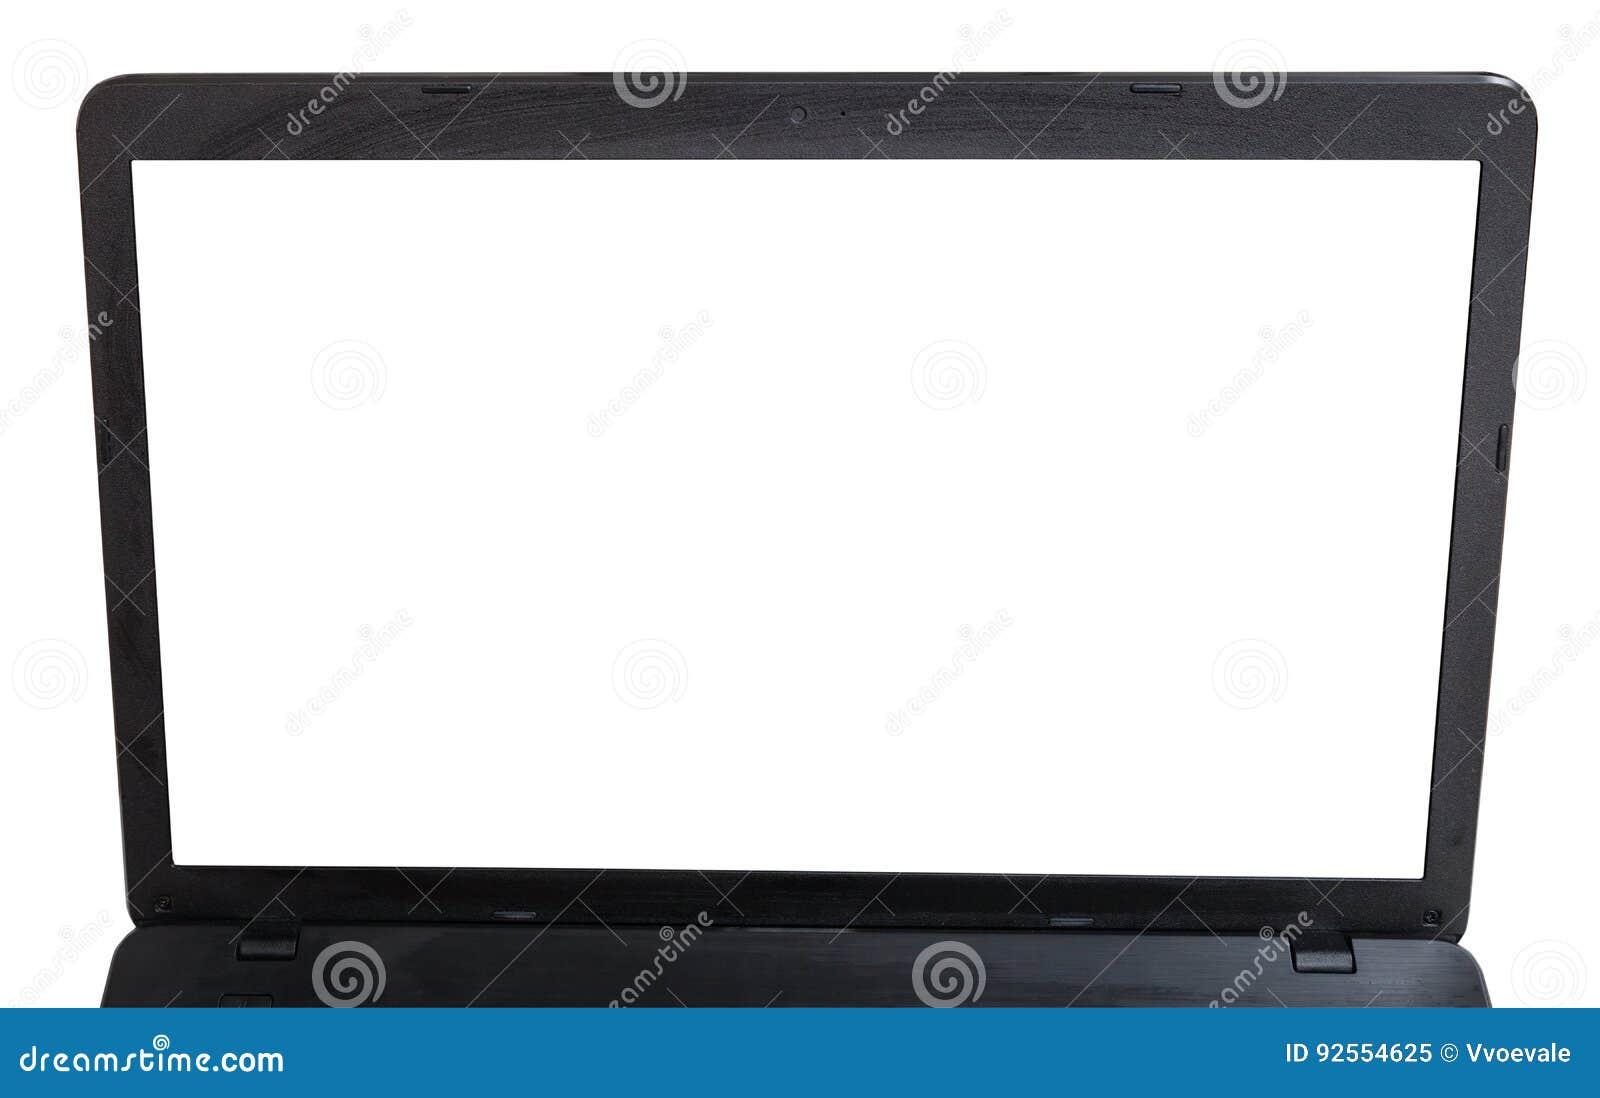 Schermo tagliato del computer portatile isolato